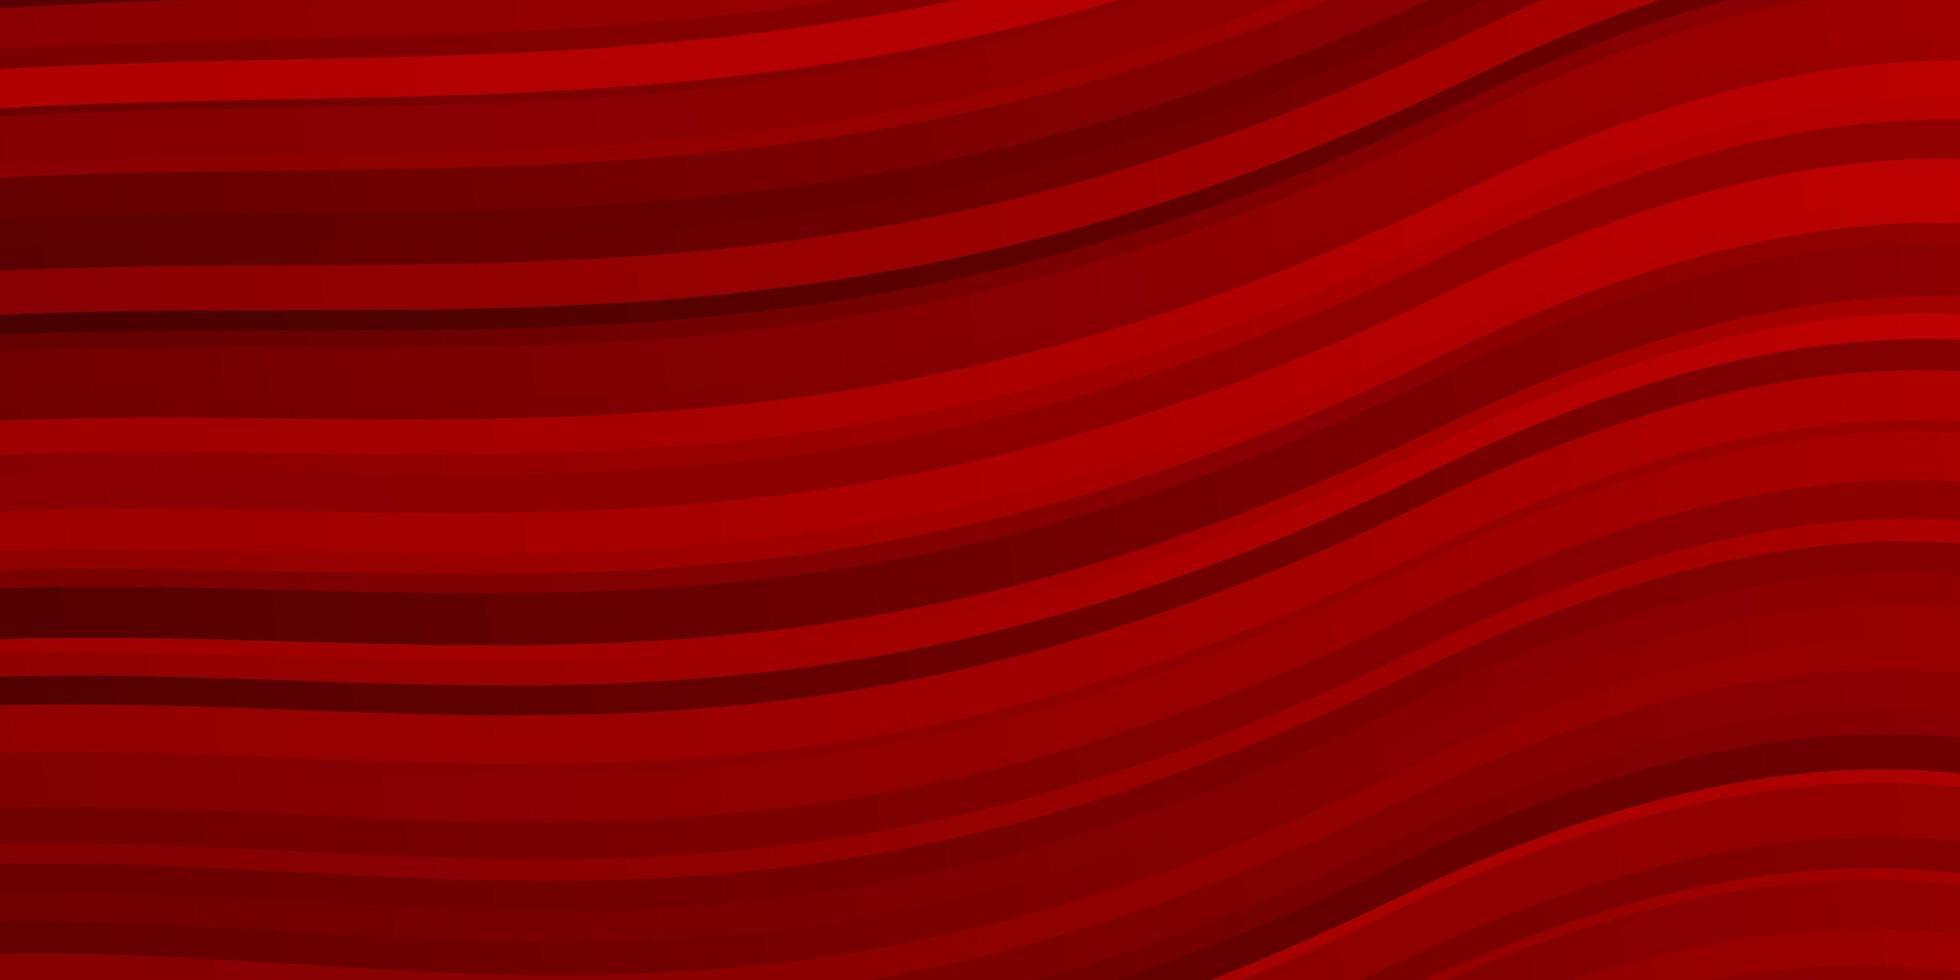 fond rouge foncé avec des lignes courbes. vecteur